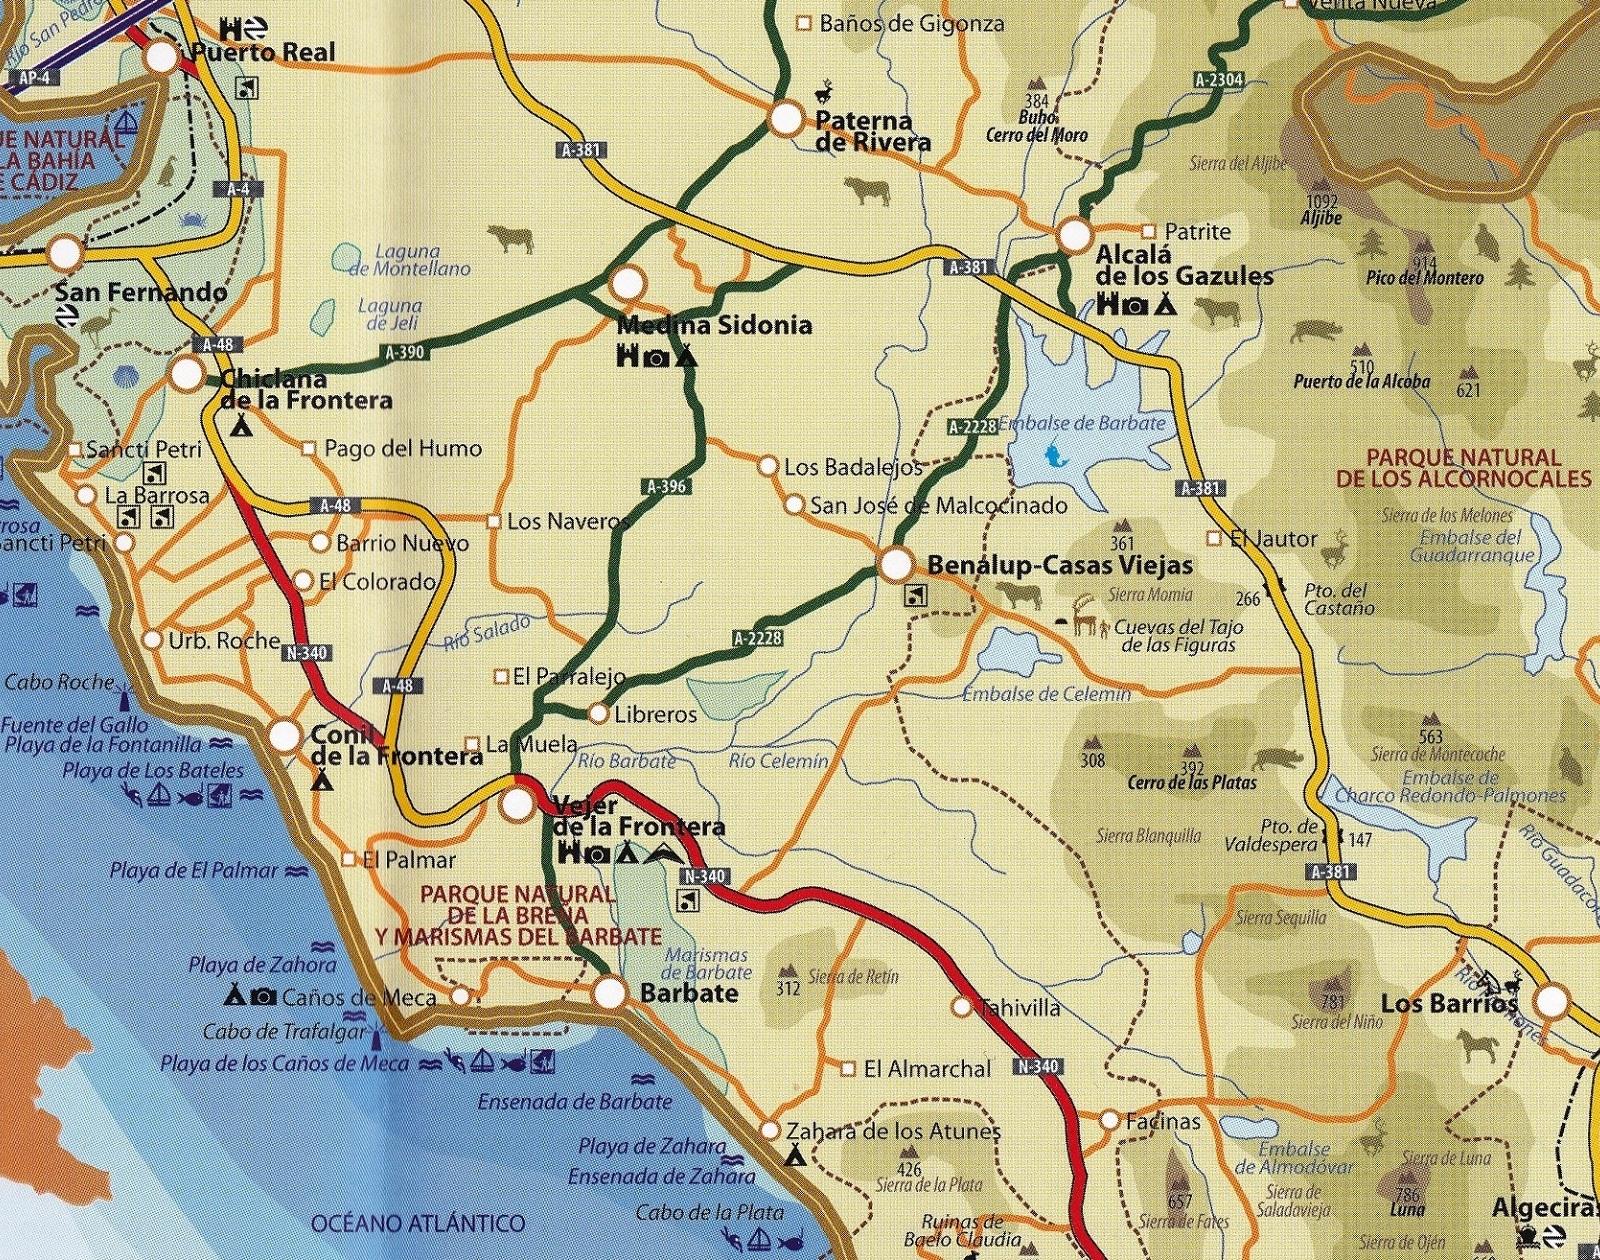 Batalla De Trafalgar Mapa.Mapa De La Janda Y Cabo Trafalgar Cabo De Trafalgar Cadiz